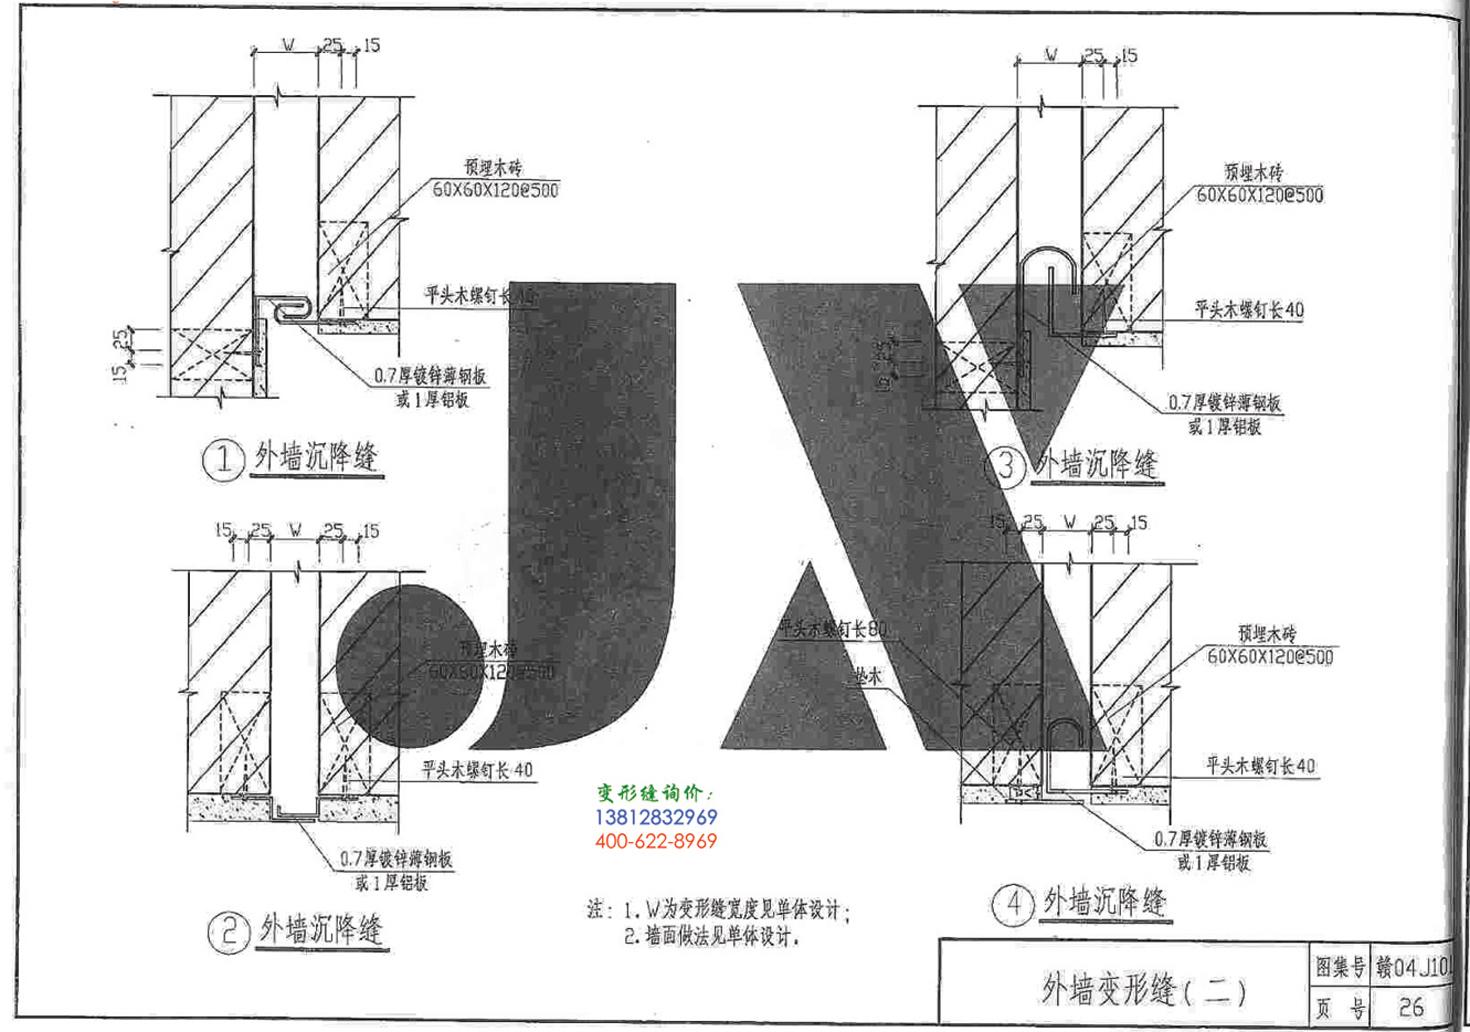 赣04J101变形缝图集第26页